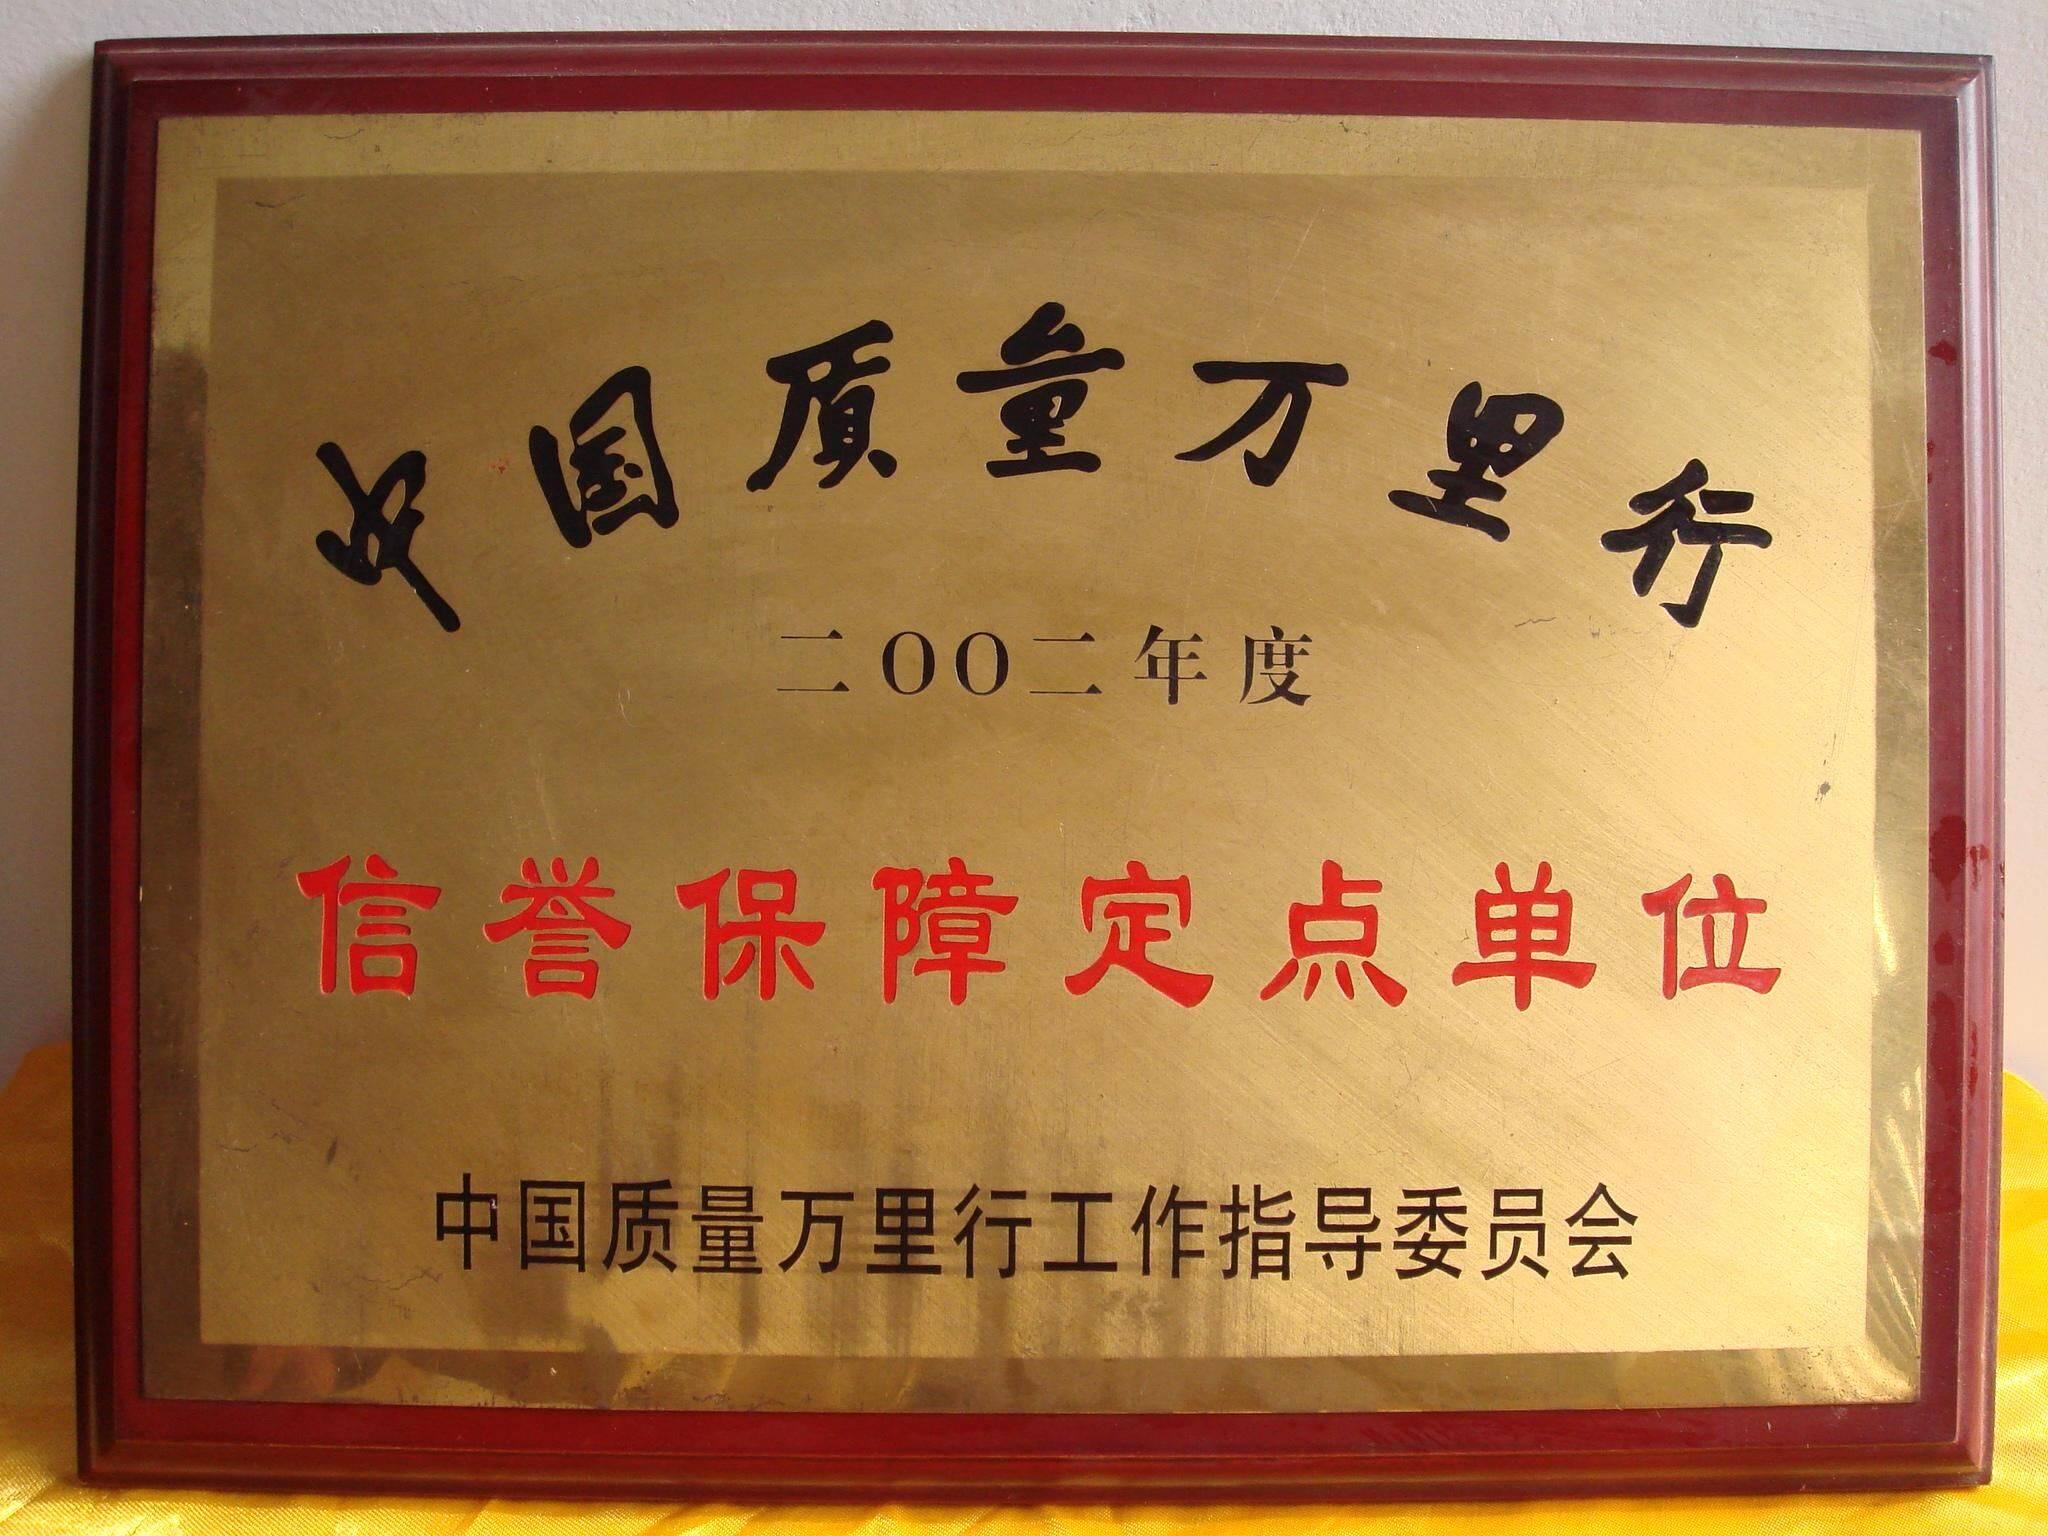 柑动力荣获中国质量万里行信誉保障定点单位